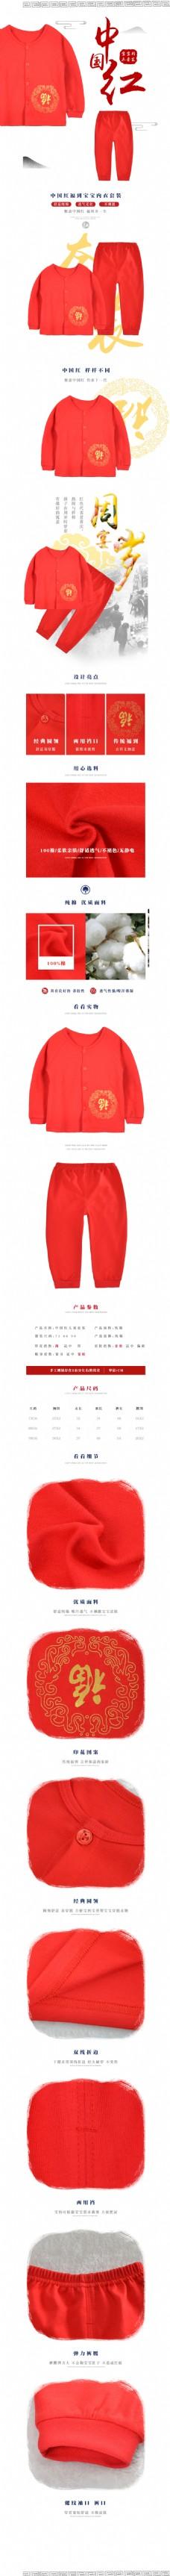 古风吉祥如意福中国红套装详情页psd模板